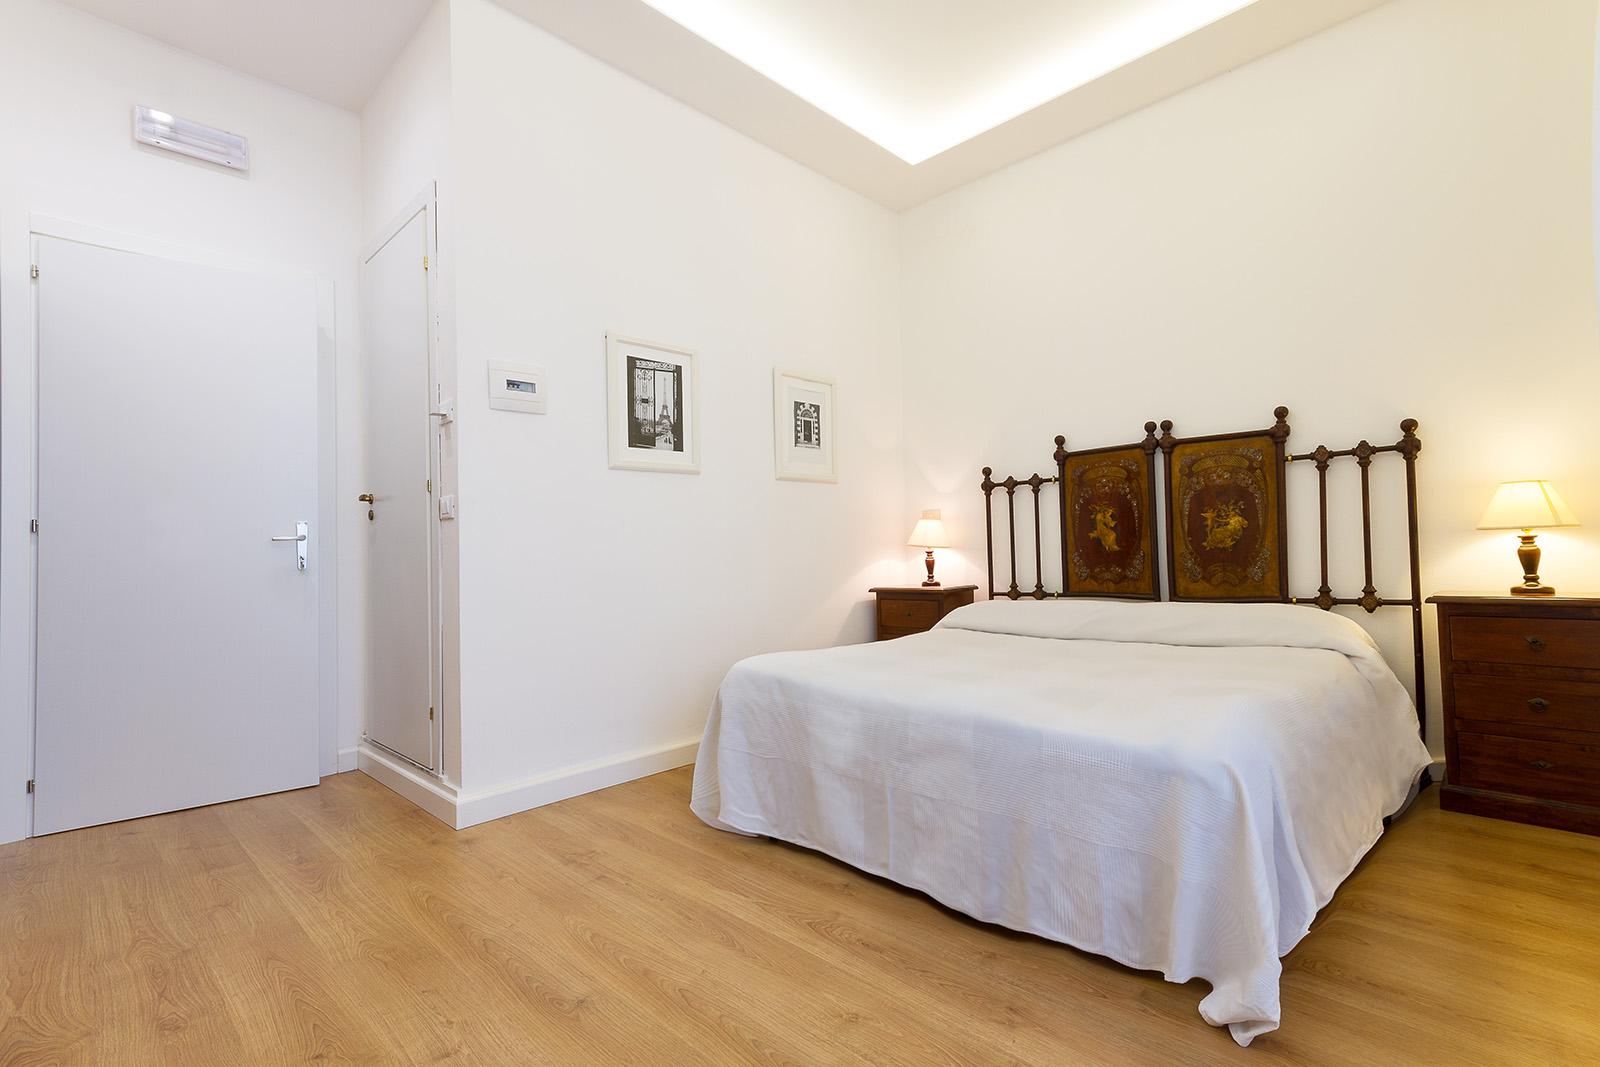 Camere casale catania casa vacanze a catania sicilia for Mobilio completo casa